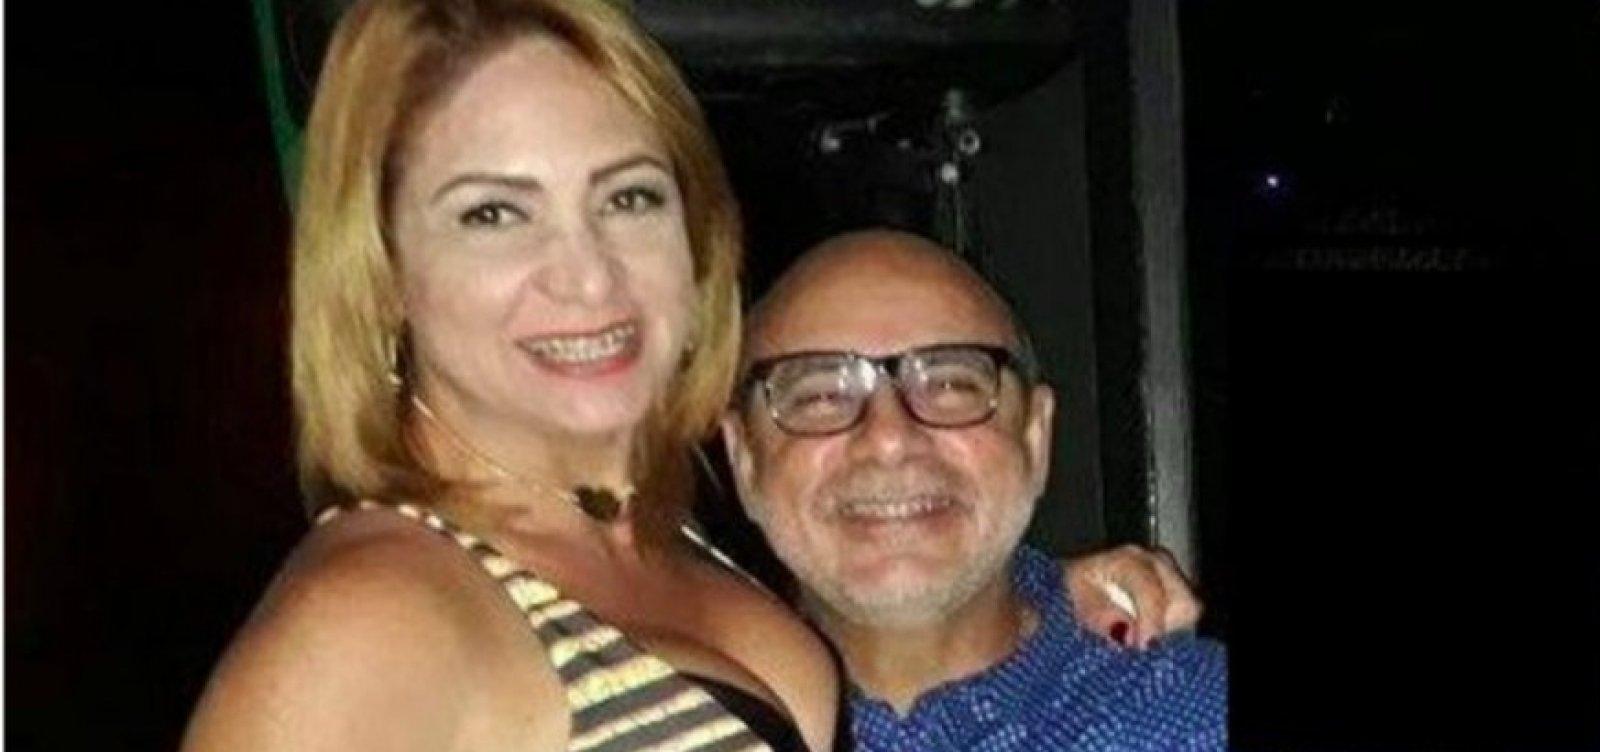 [Mulher de Queiroz busca advogados e pretende fazer delação premiada]